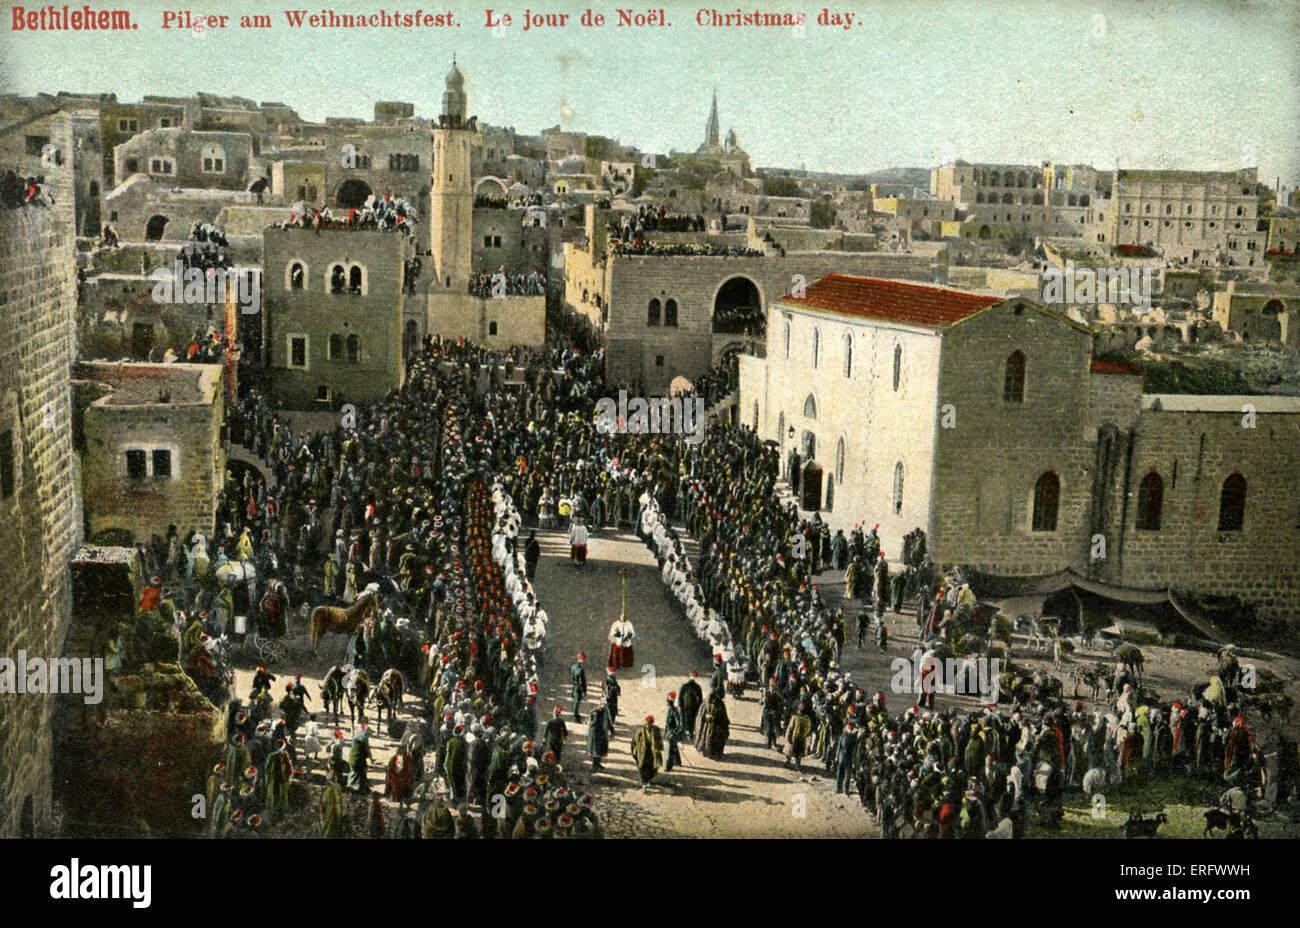 Weihnachten in Bethlehem, späten 1800er Jahren, Anfang 1900. Pilger ...